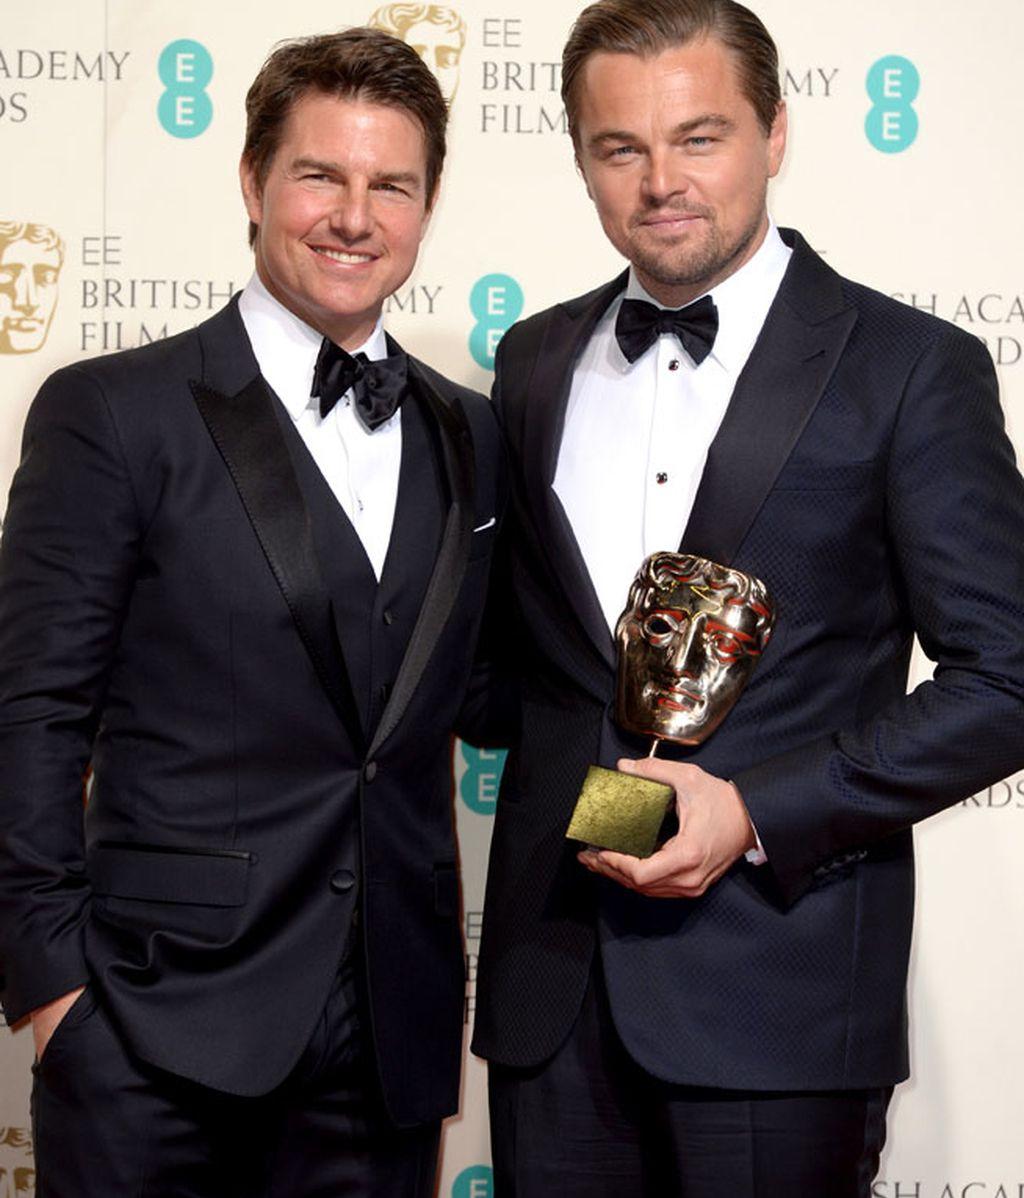 Tom Cruise y Leo DiCaprio se sumaron a la moda de la pajarita